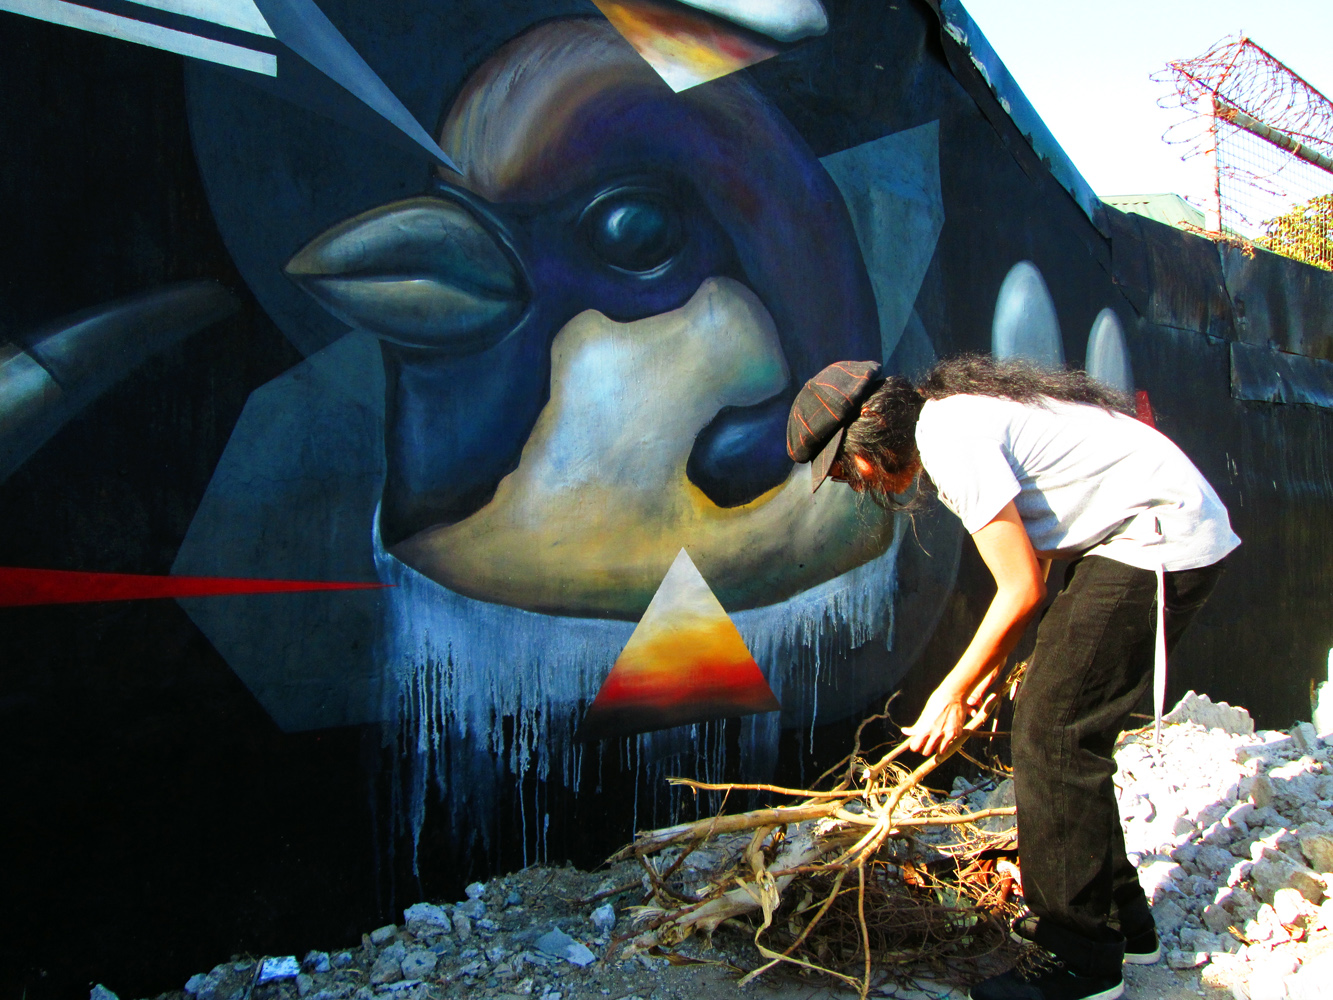 crist-espiritu-sparrow-2-0-new-mural-in-philippines-04